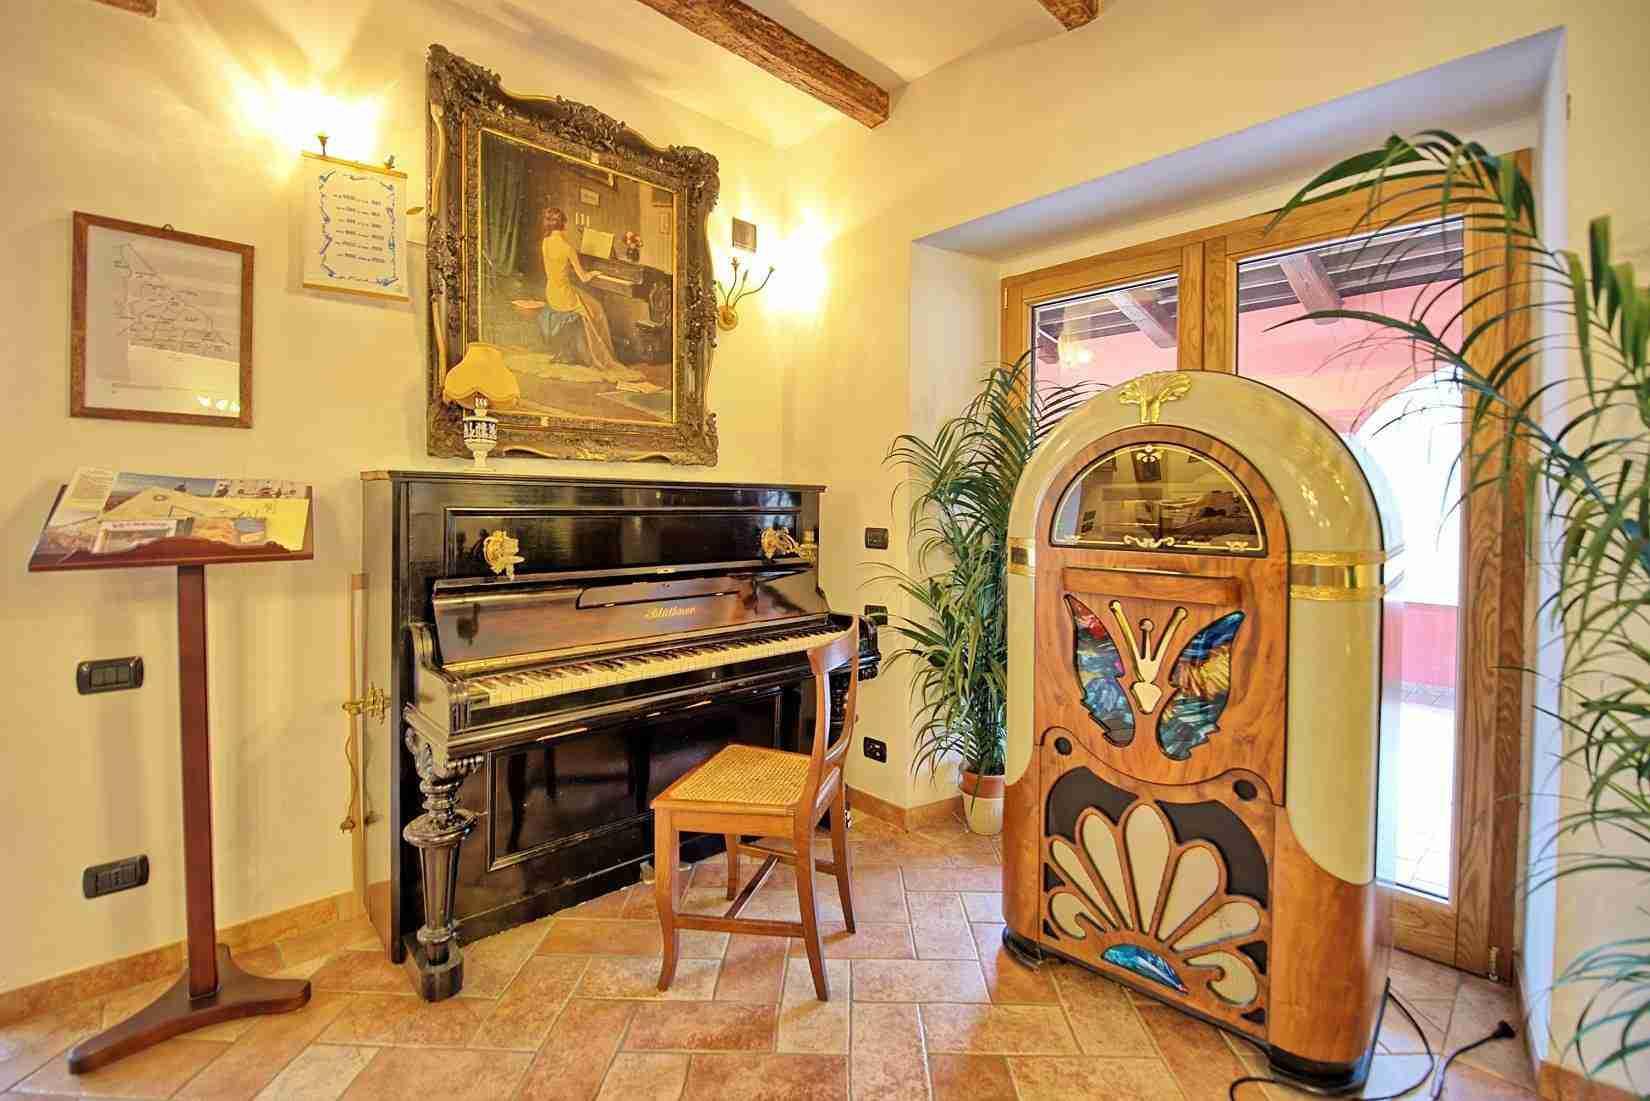 35 Etruria piano